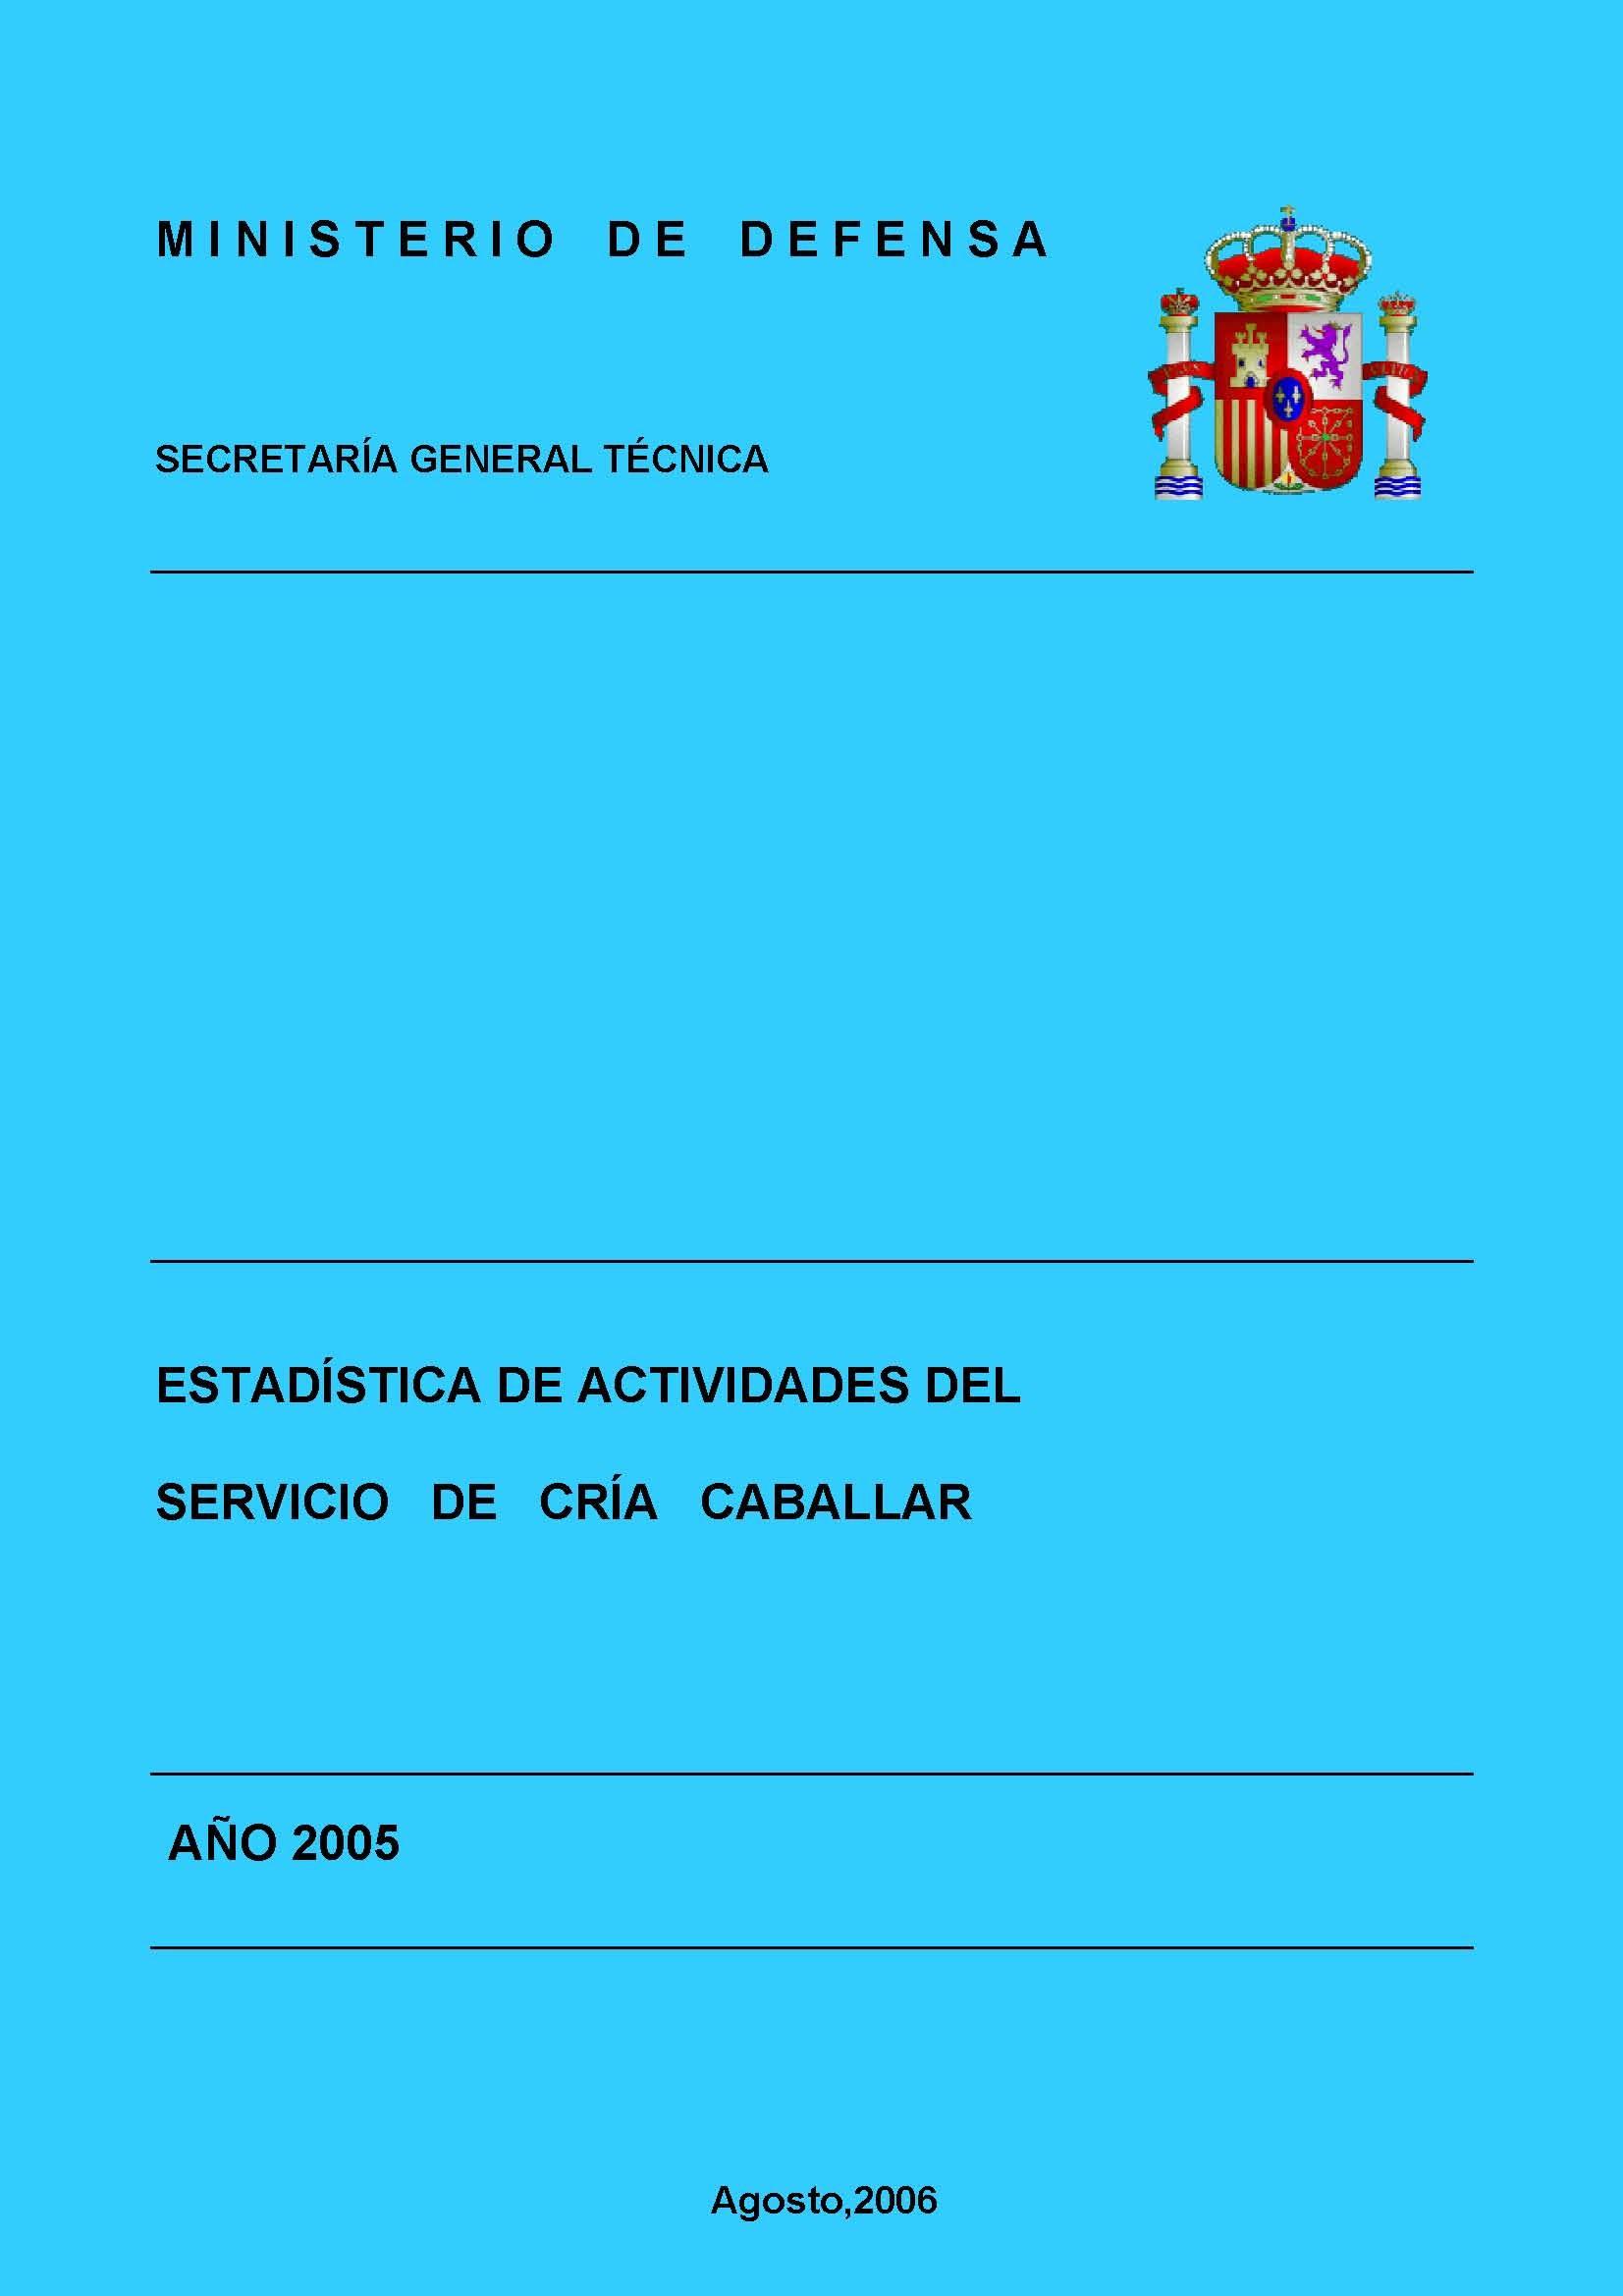 ESTADÍSTICA DE ACTIVIDADES DEL SERVICIO DE CRÍA CABALLAR 2005